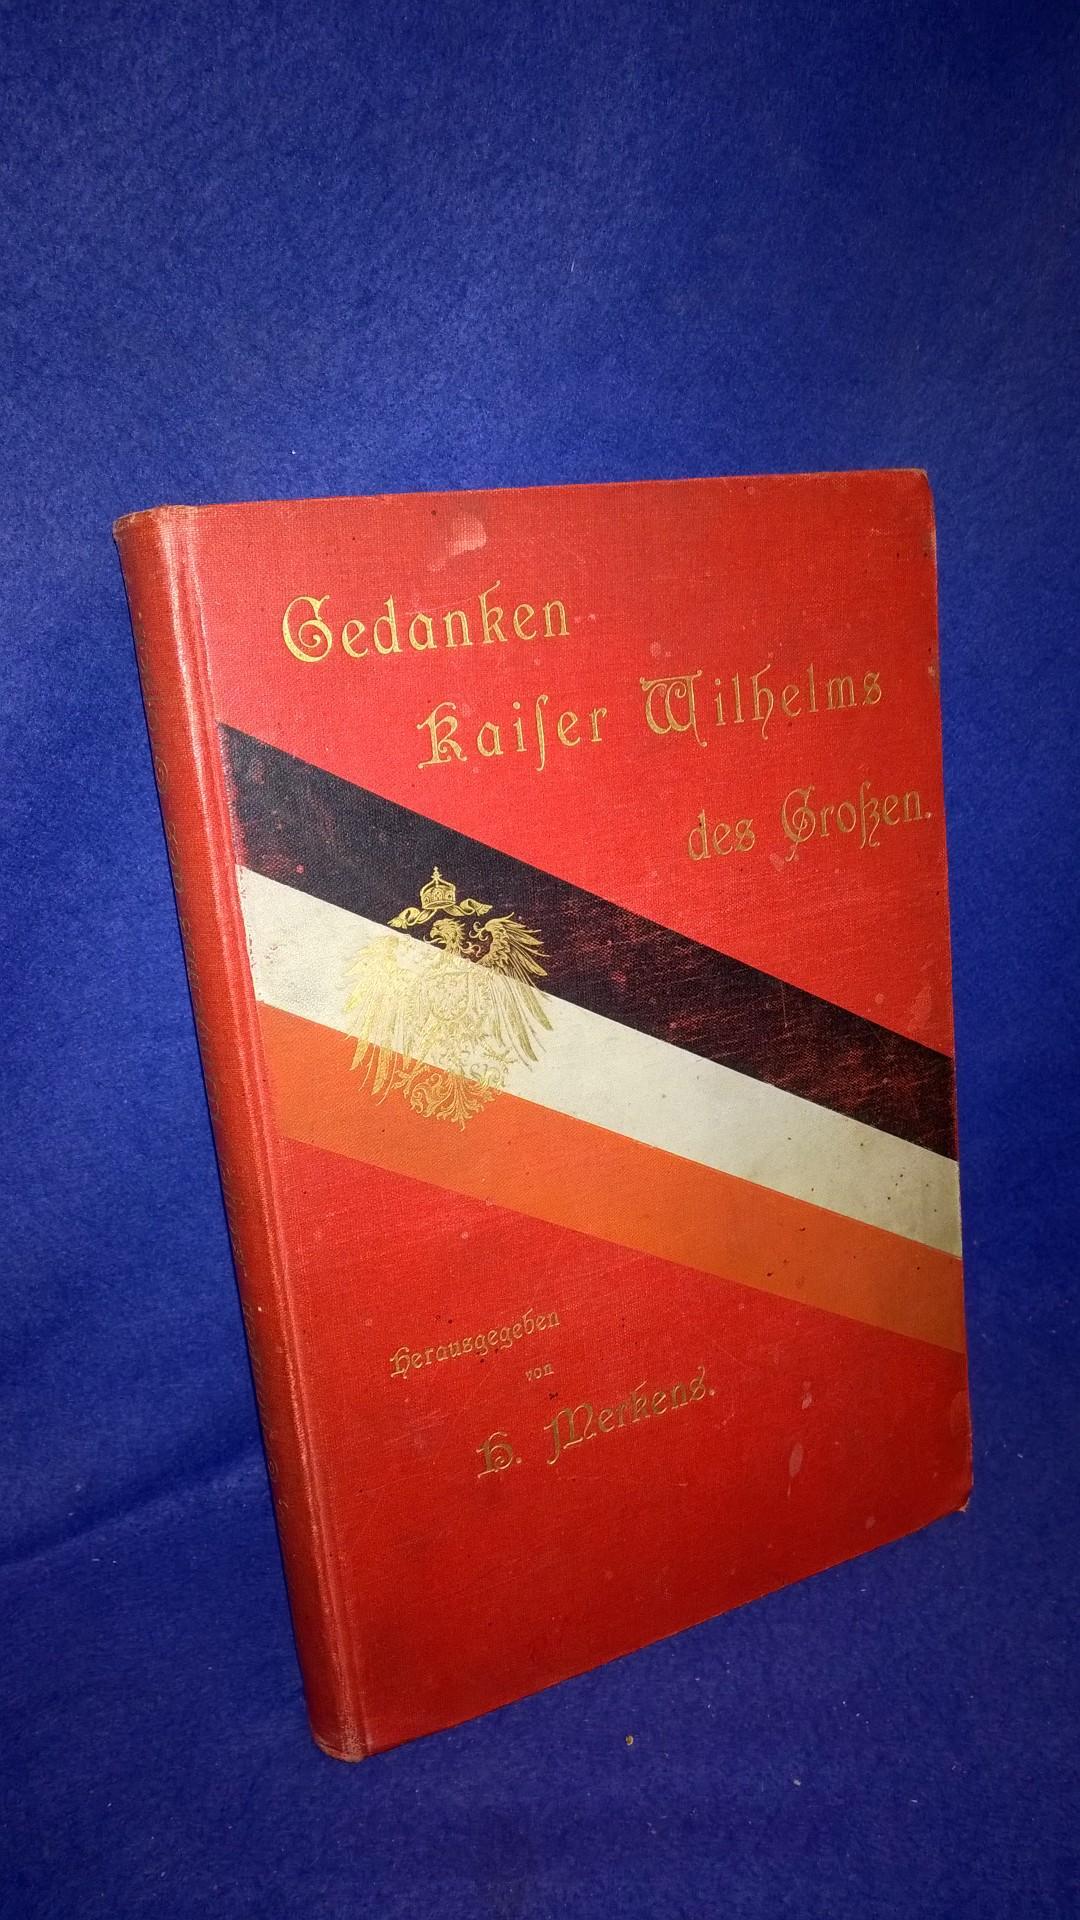 Gedanken Kaiser Wilhelms des Großen.